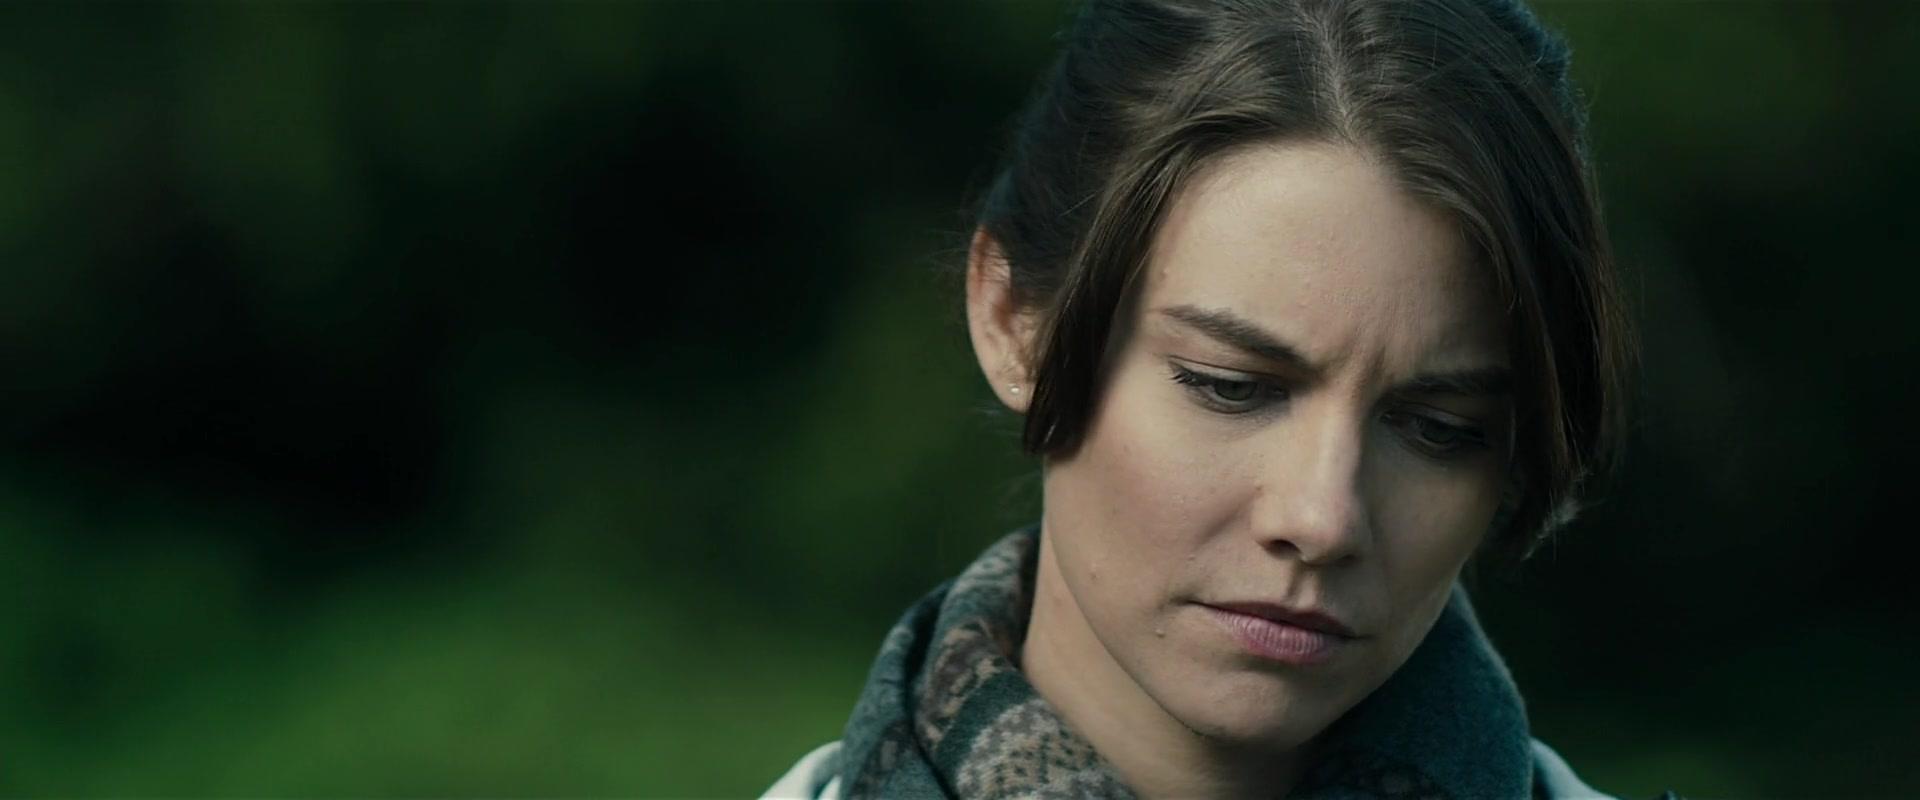 Lauren Cohan as Greta Evans in The Boy